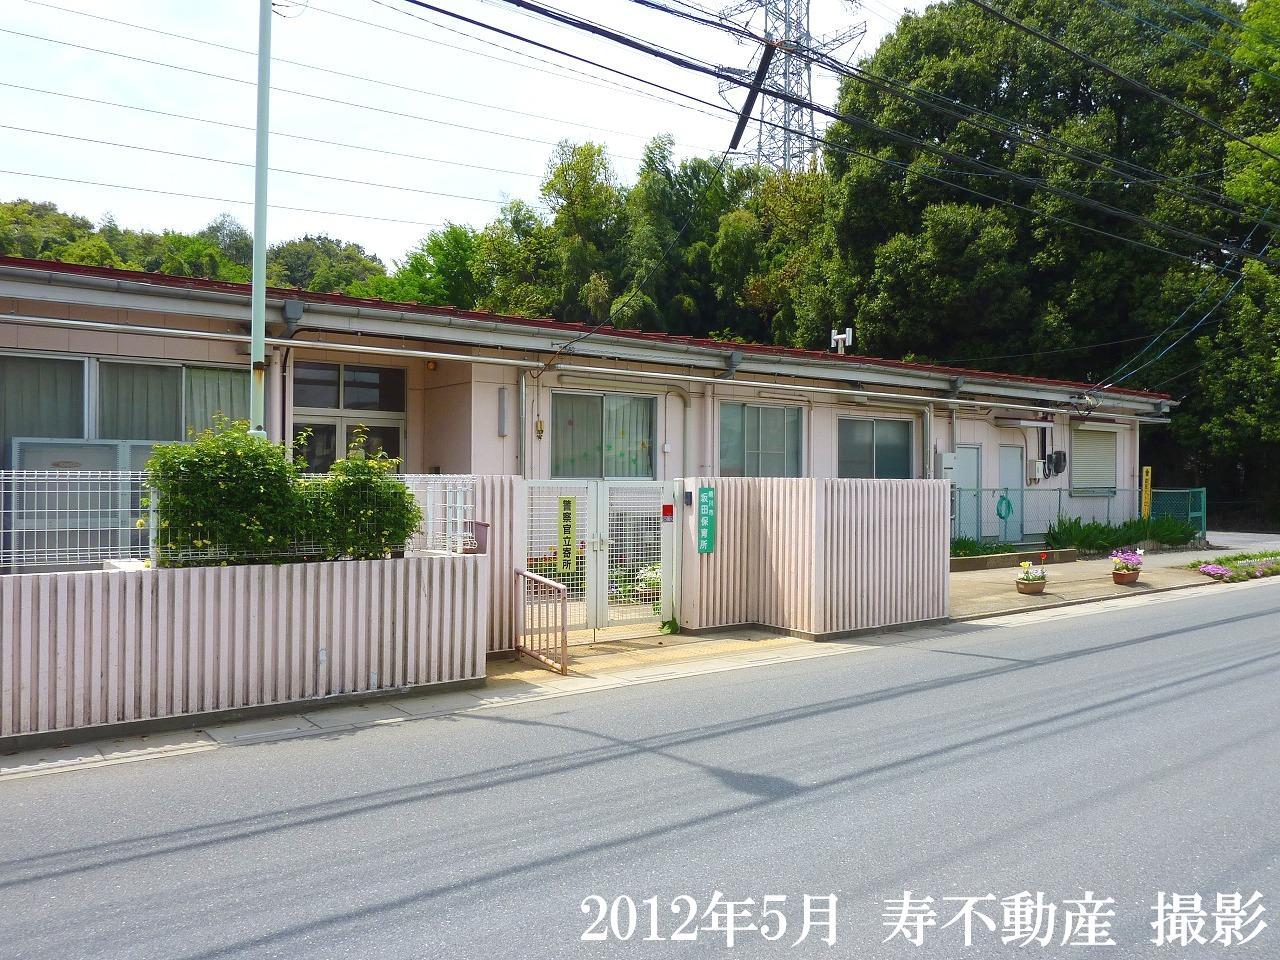 幼稚園・保育園 桶川市坂田保育所(幼稚園・保育園)まで650m